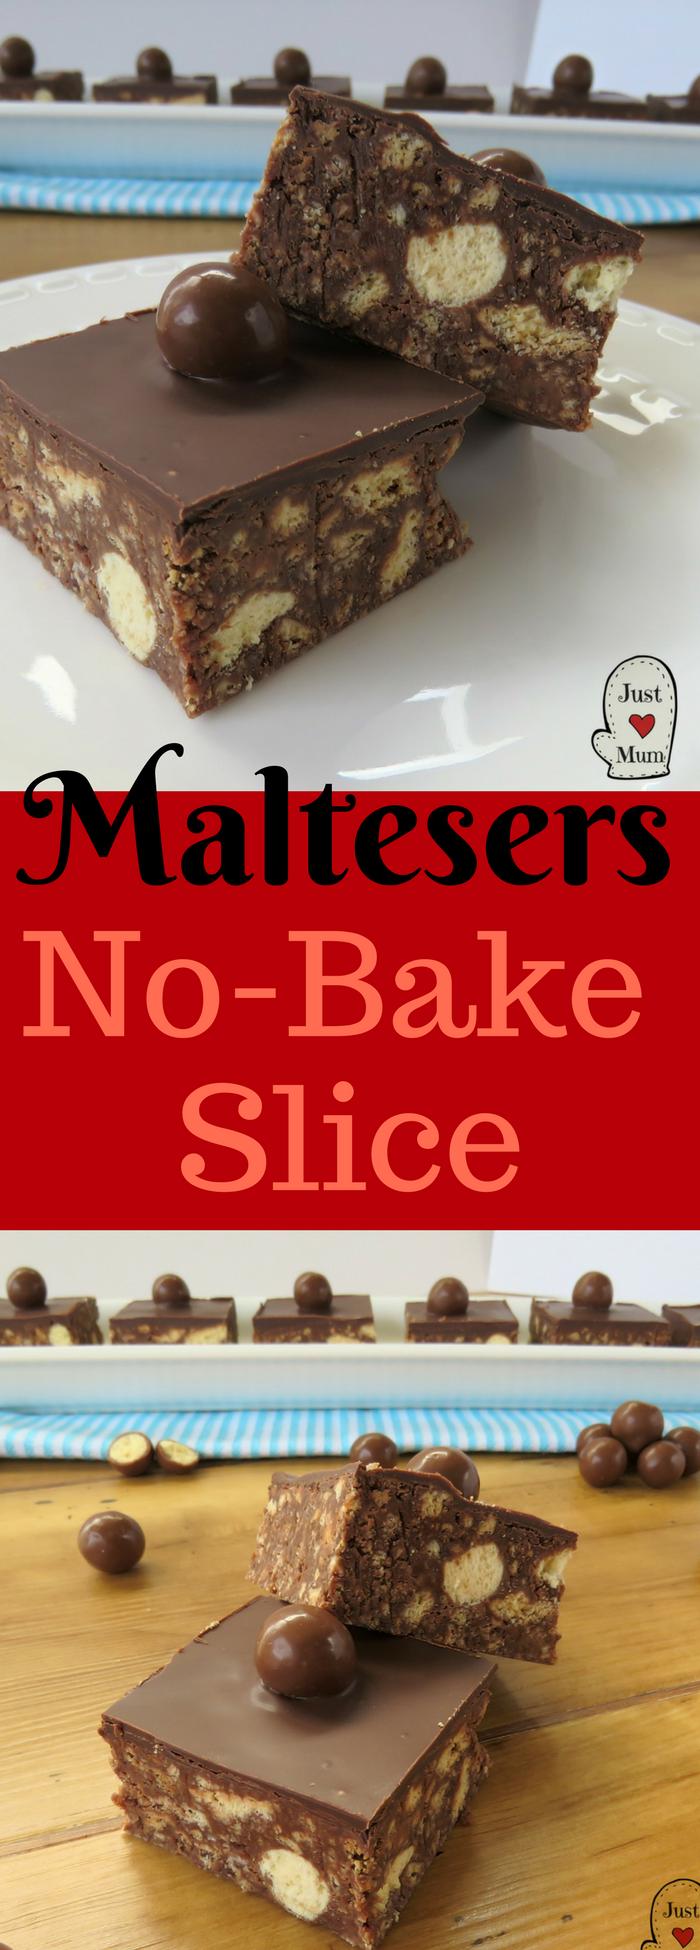 Just A Mum's No Bake Malteser Slice Recipe